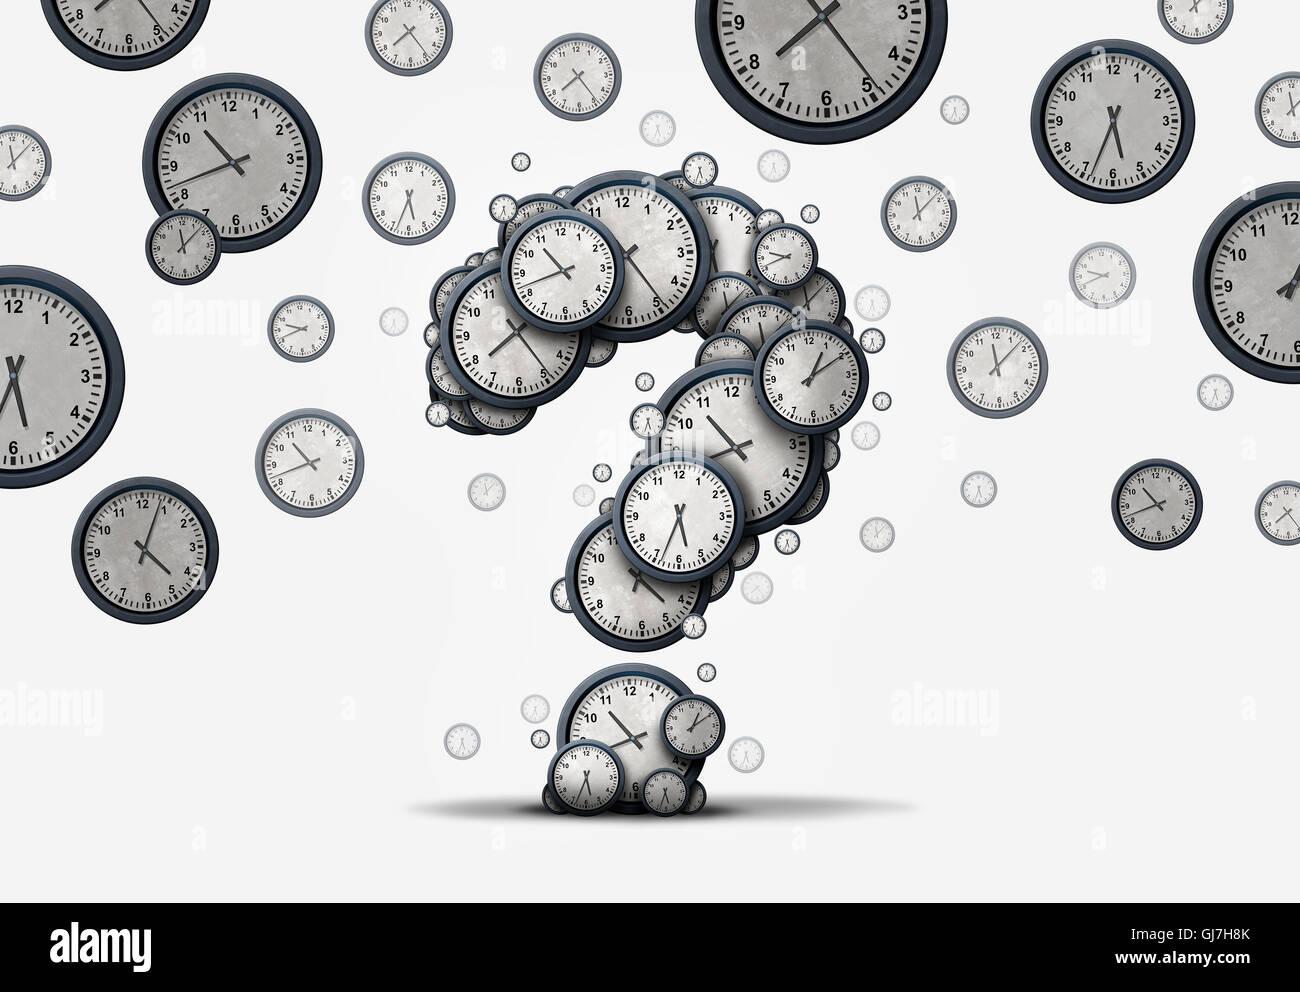 Tempo concetto domande come un gruppo di galleggiamento Orologi e orologi conformata come un punto interrogativo Immagini Stock